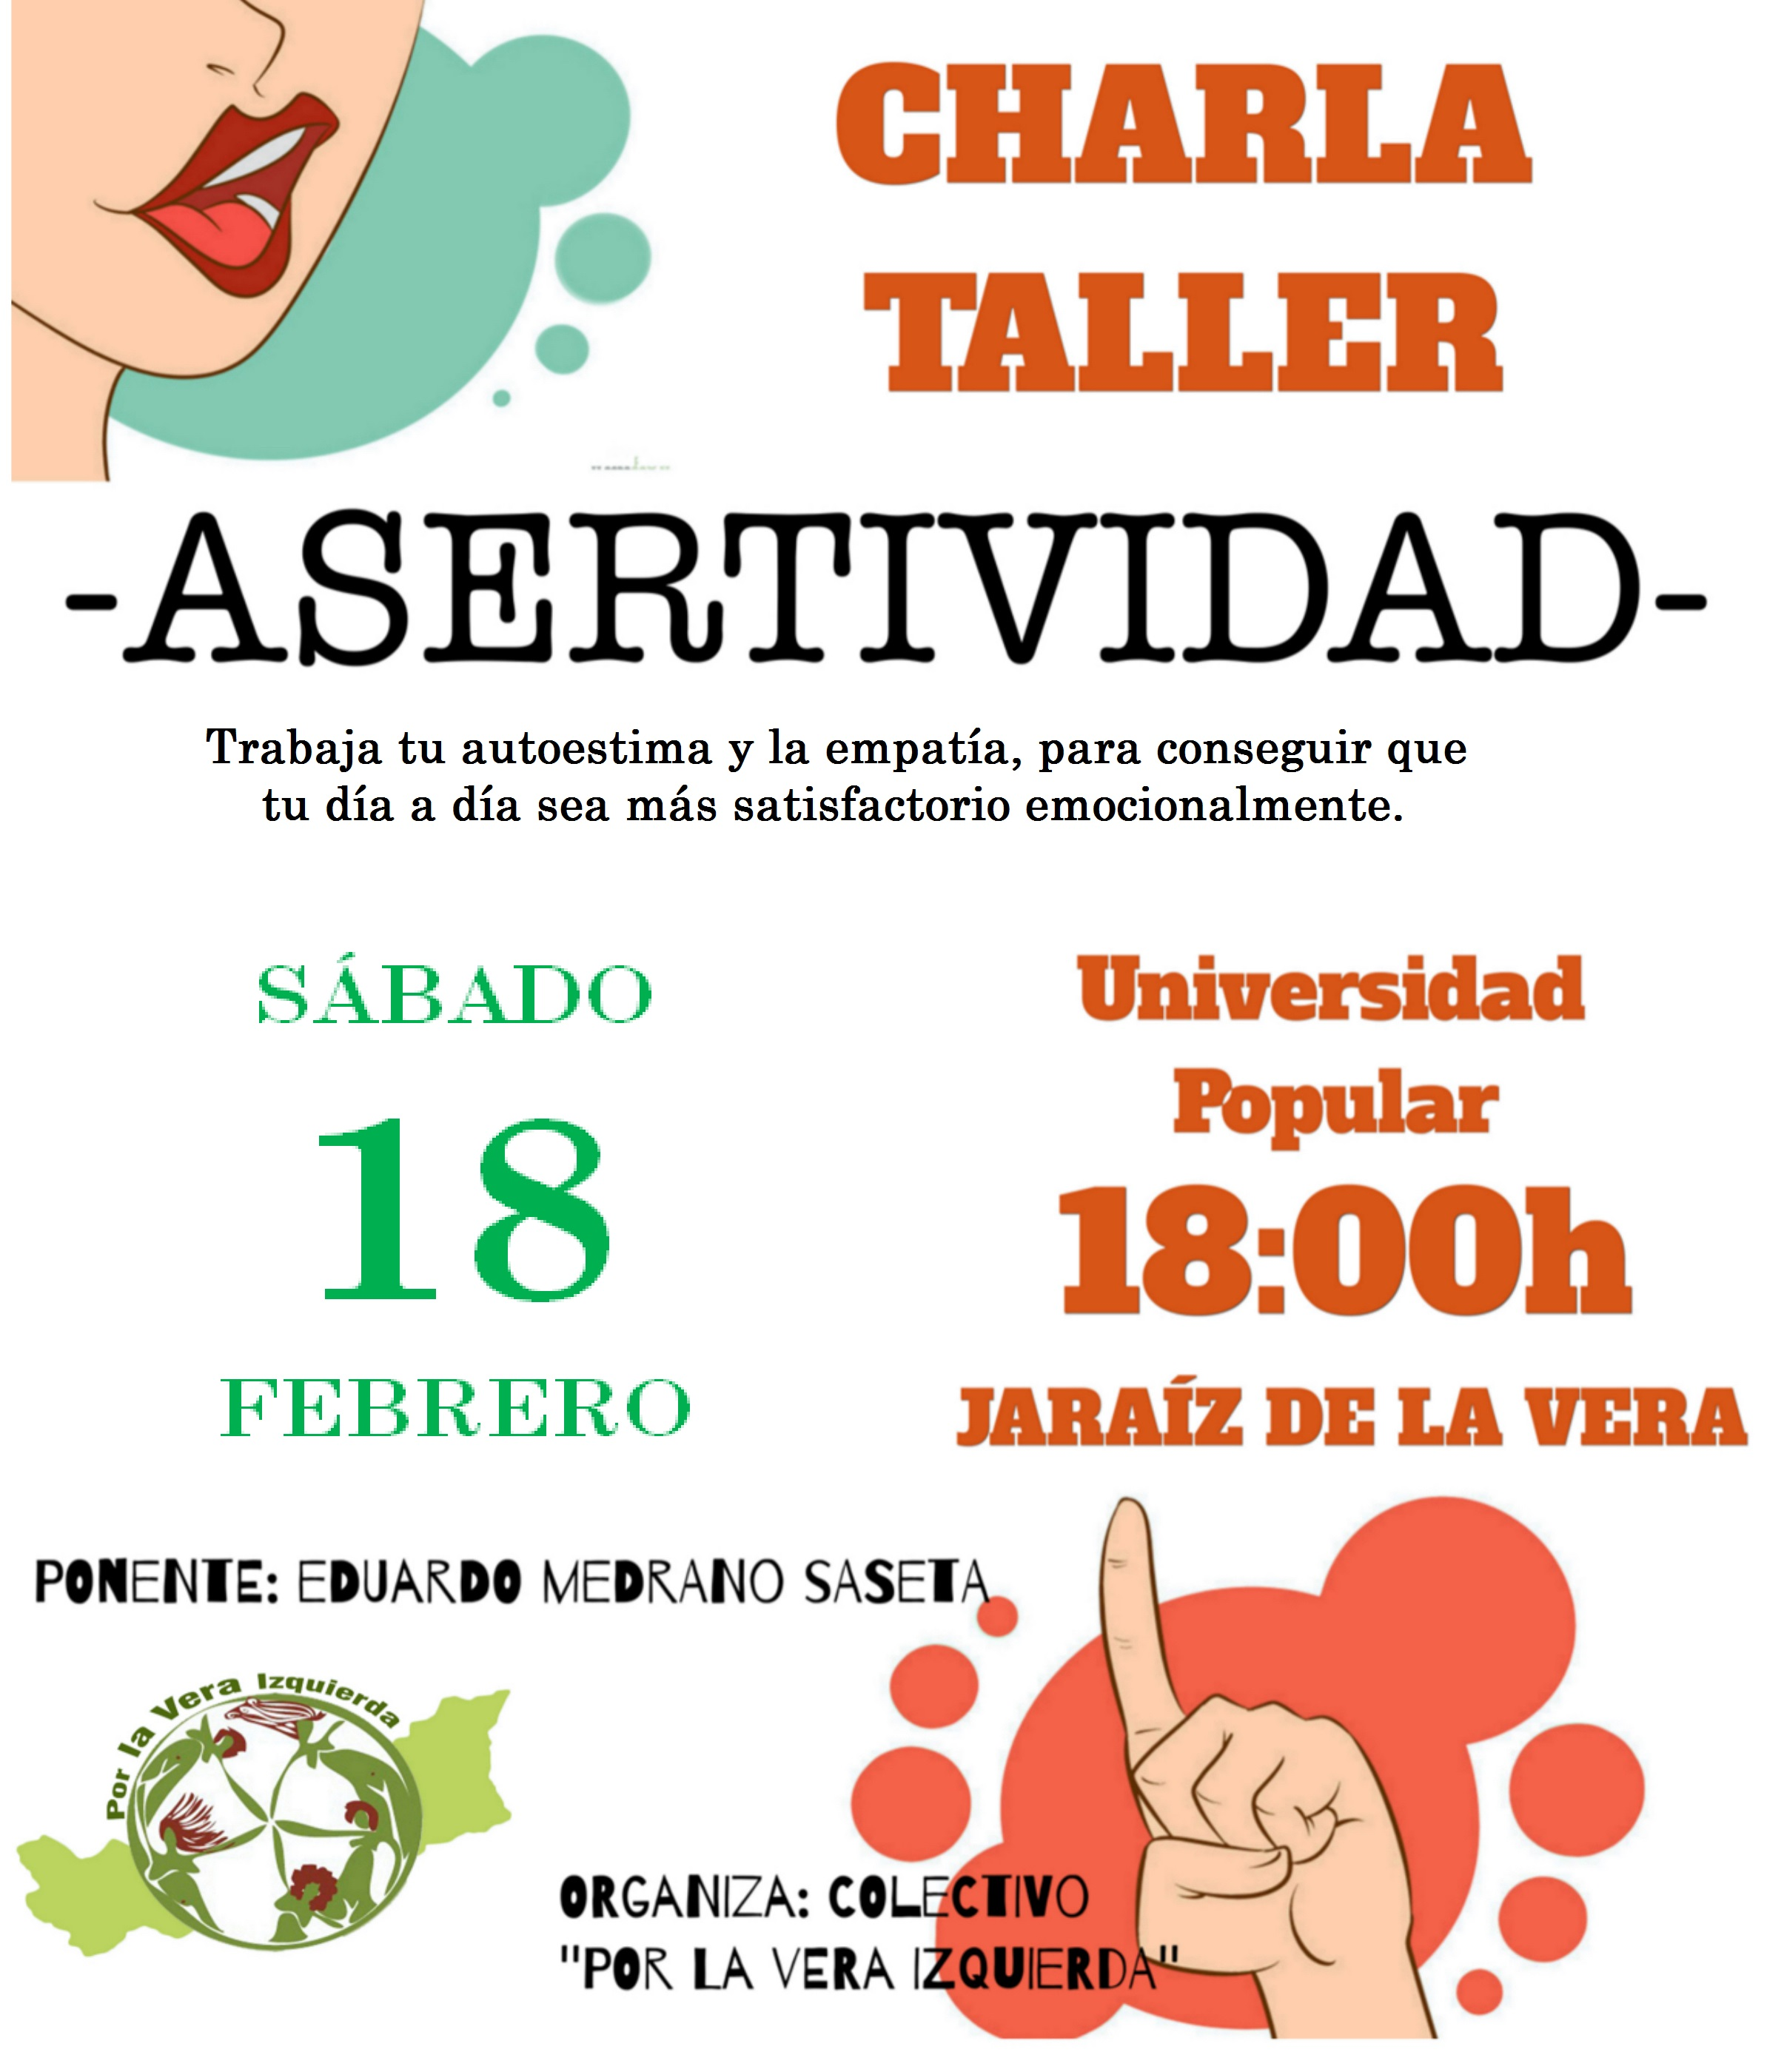 Taller de asertividad el próximo día 18 en la Universidad Popular de Jaraíz de la Vera